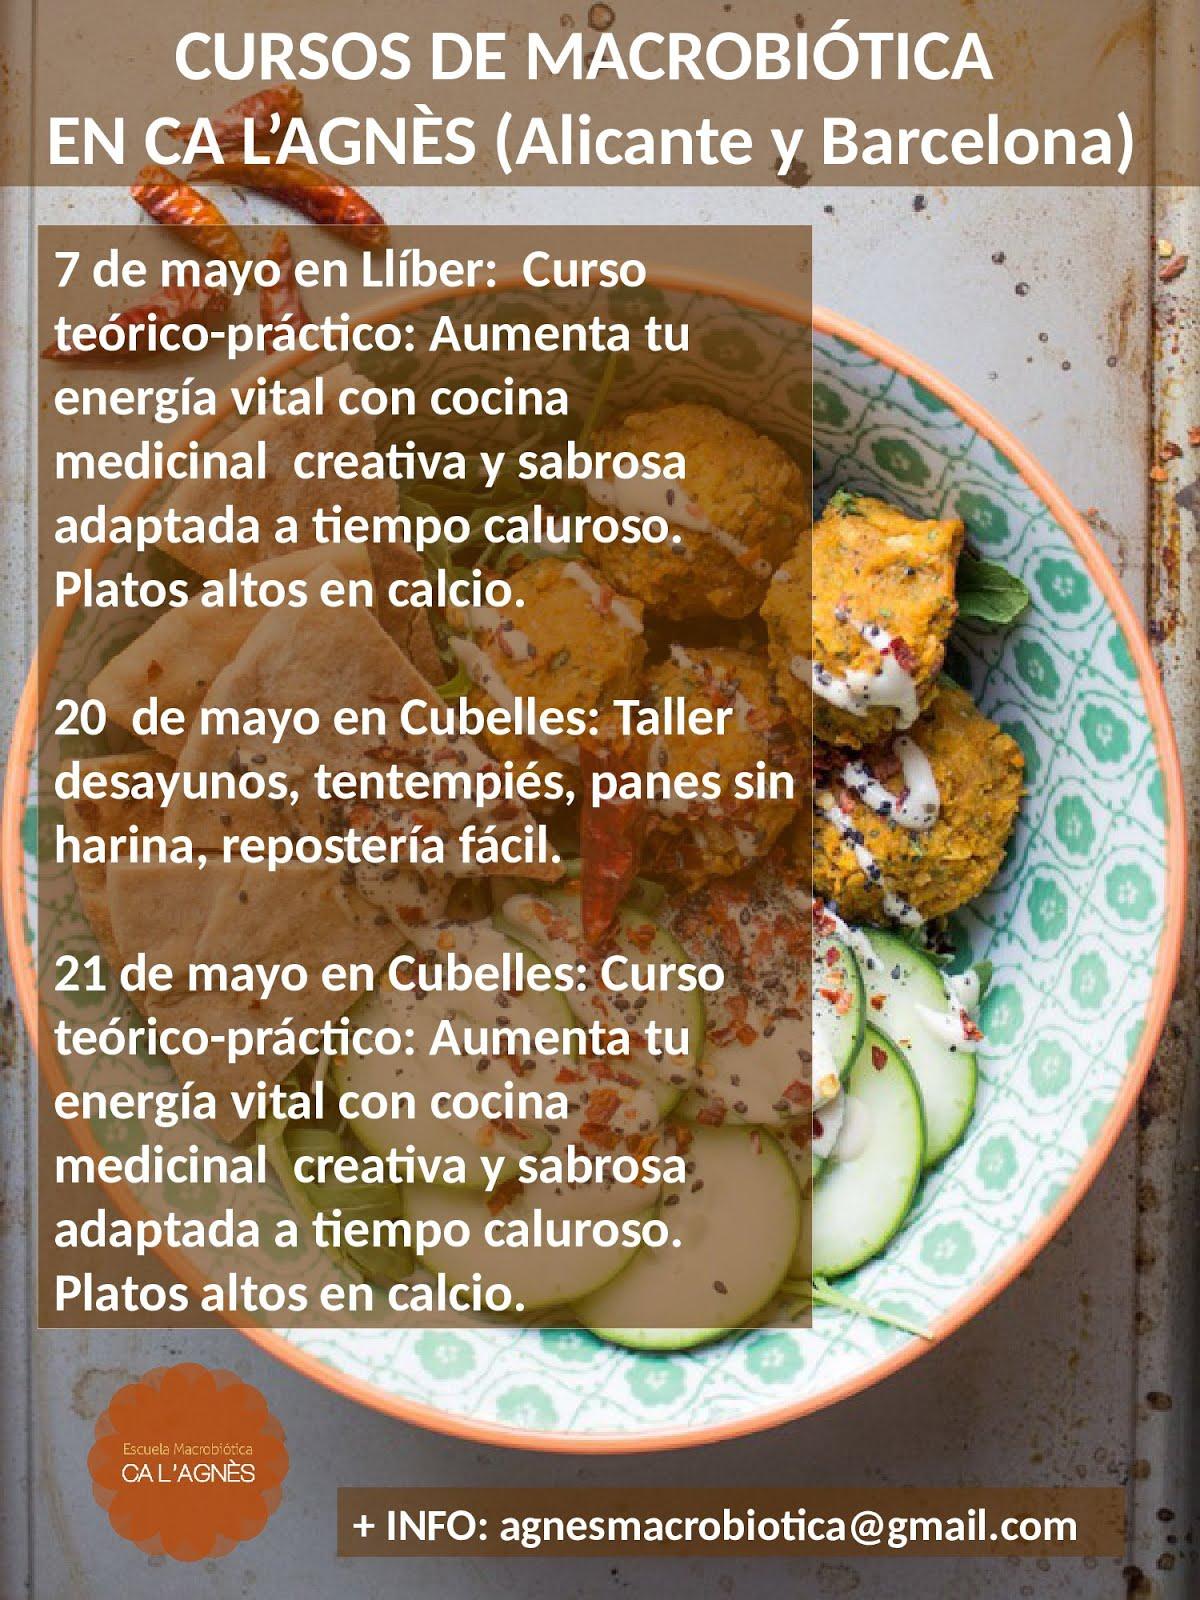 CURSOS MAYO 2017 (Cubelles-Barcelona y